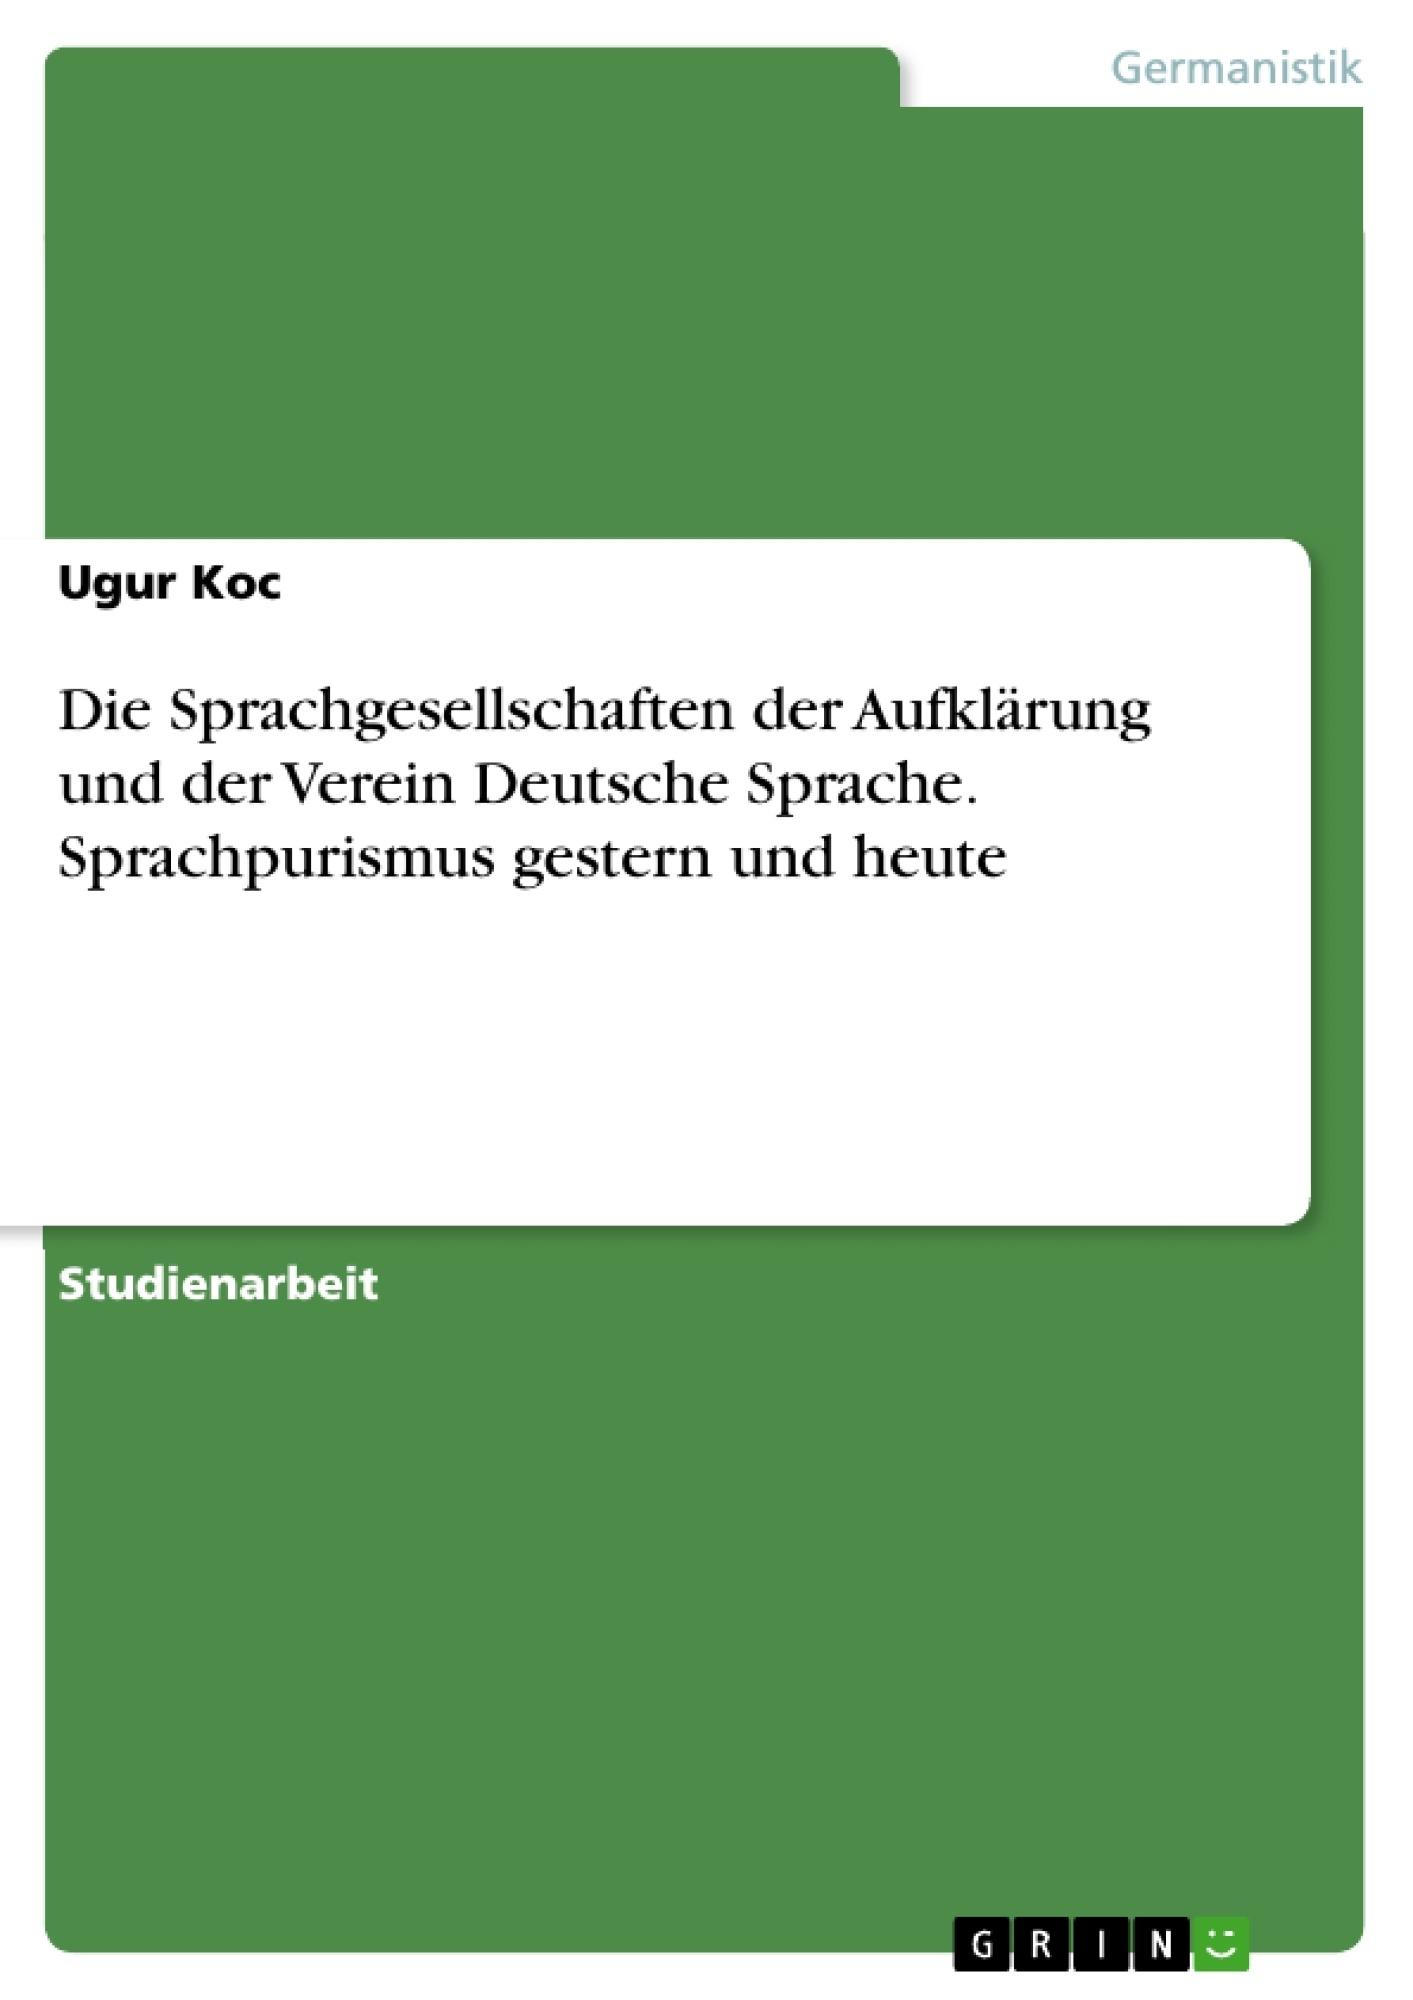 Titel: Die Sprachgesellschaften der Aufklärung und der Verein Deutsche Sprache. Sprachpurismus gestern und heute